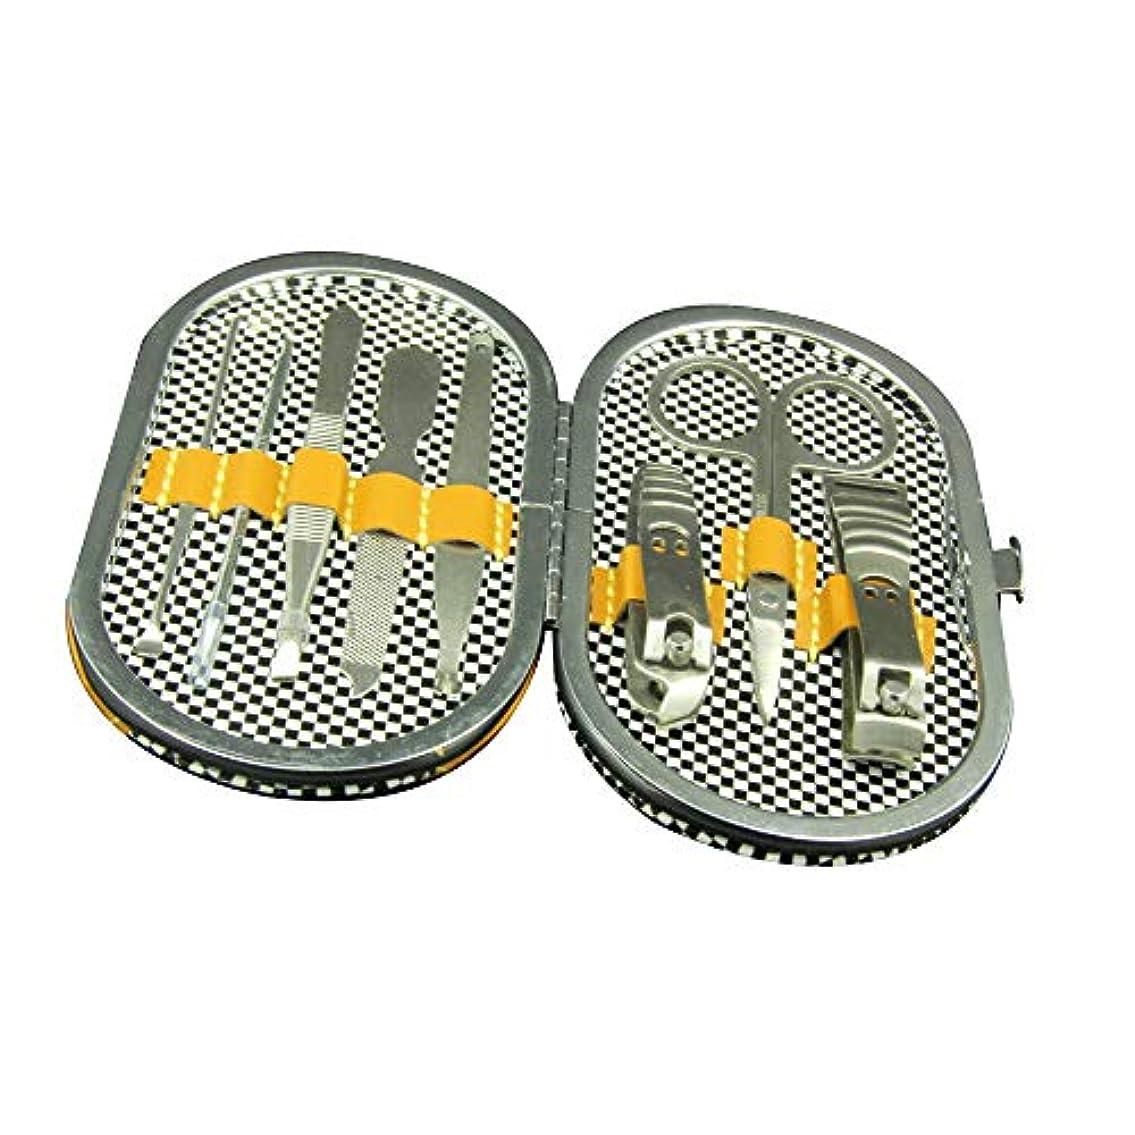 貫通オール結晶ステンレス爪切りセット美容ネイルツールセット携帯便利 収納ケース付き、8点セット